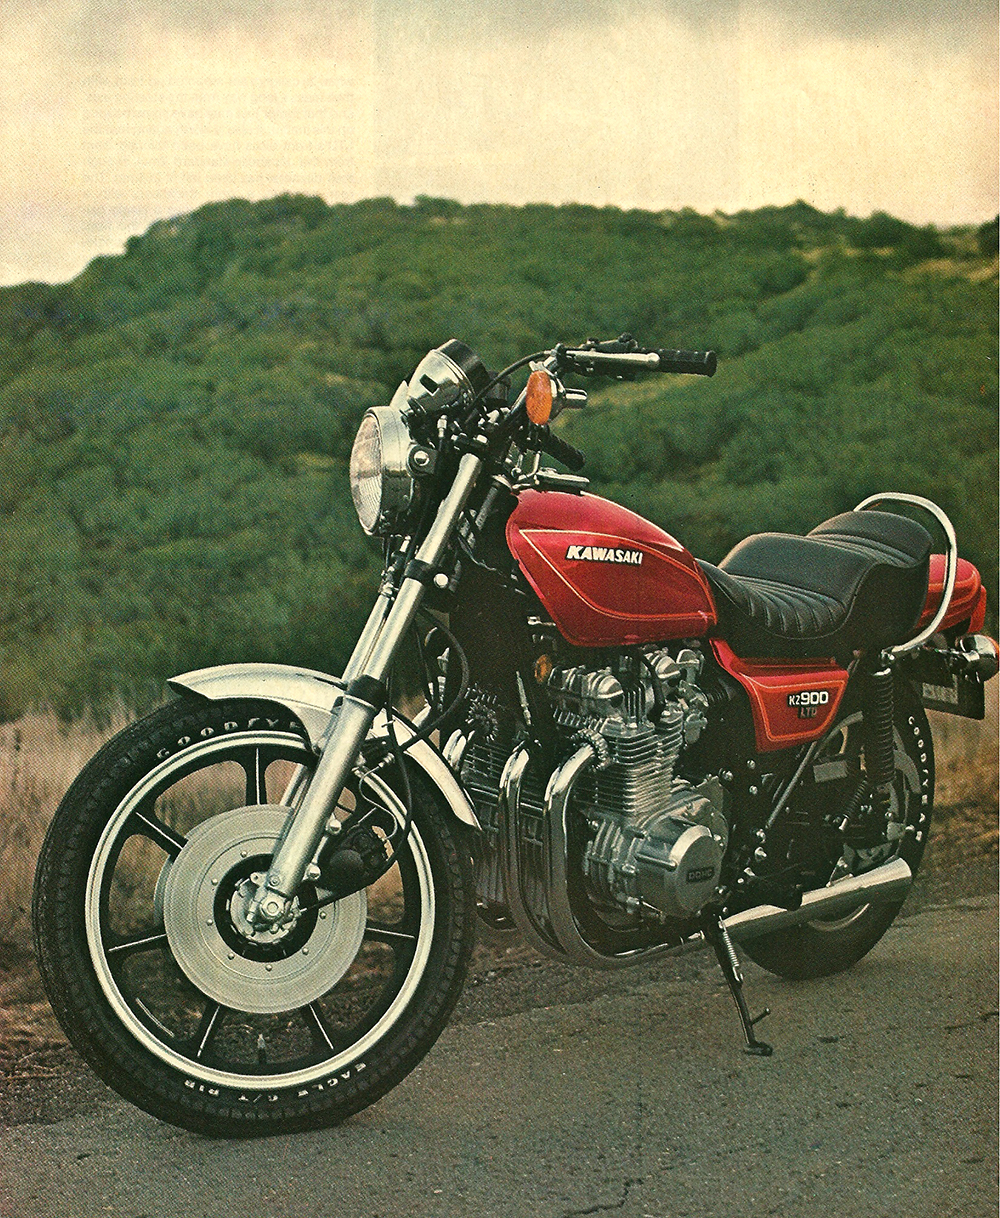 1976 Kawasaki KZ900 LTD road test 2.jpg